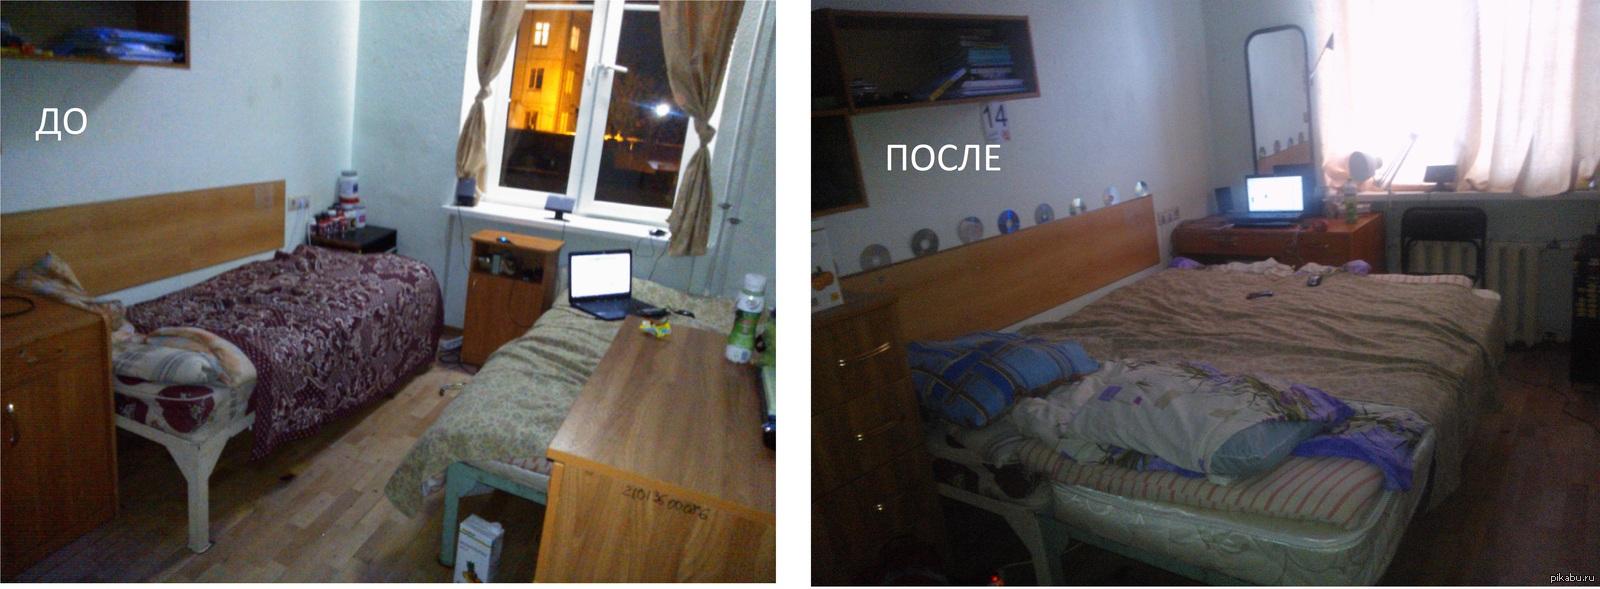 Приколы девушек в общежитии